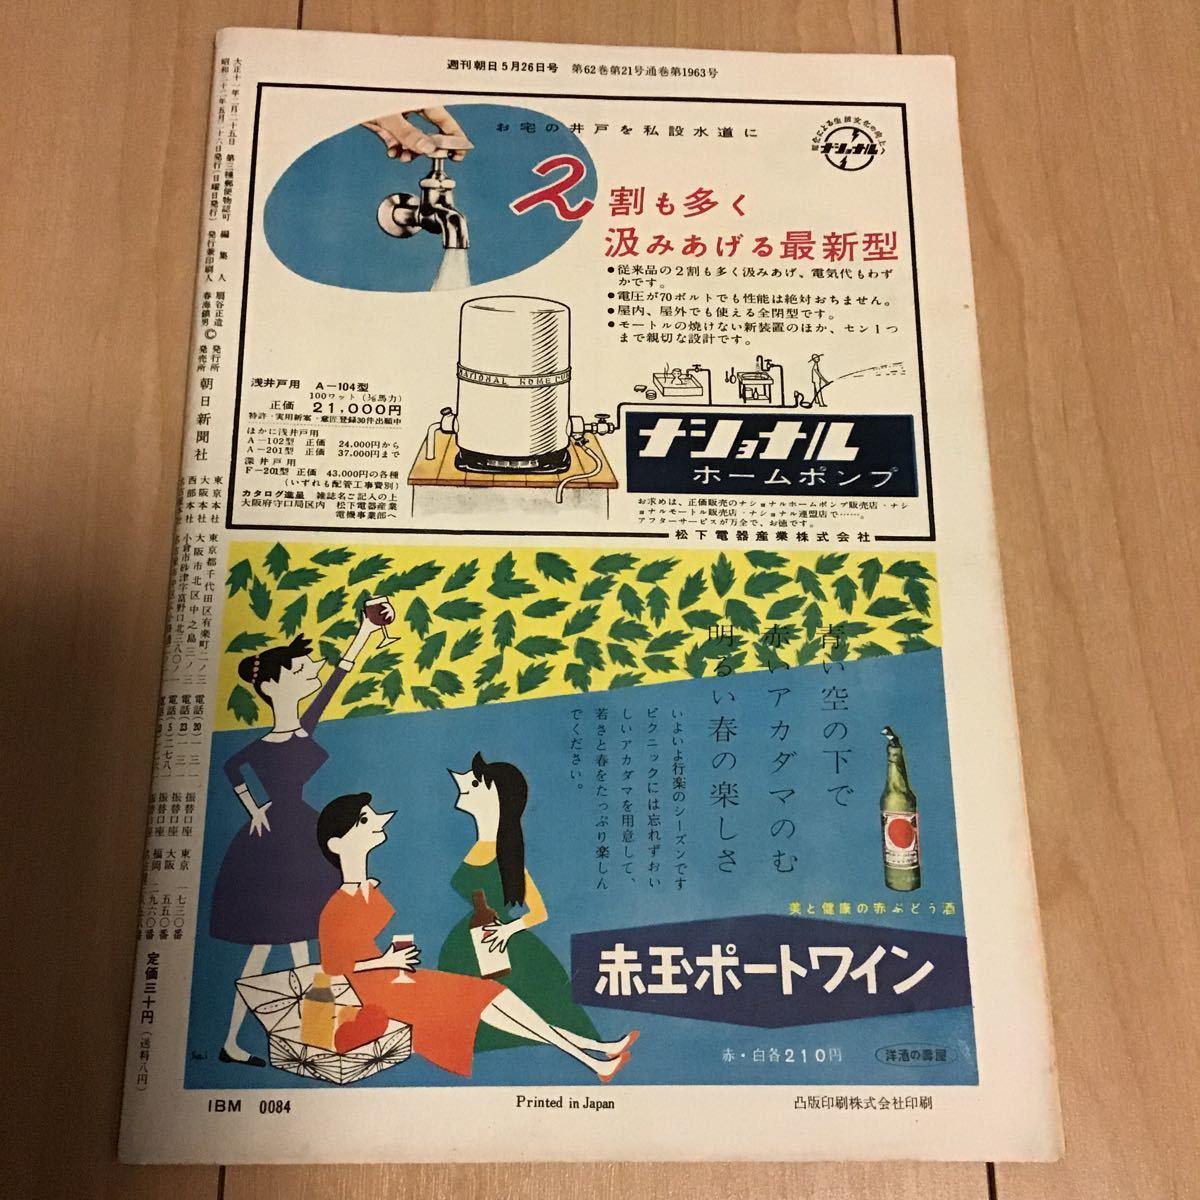 週刊朝日 昭和32年5月26日号 1957年 表紙 荻須高徳 セーヌの釣人 / 牛山喜久子_画像2